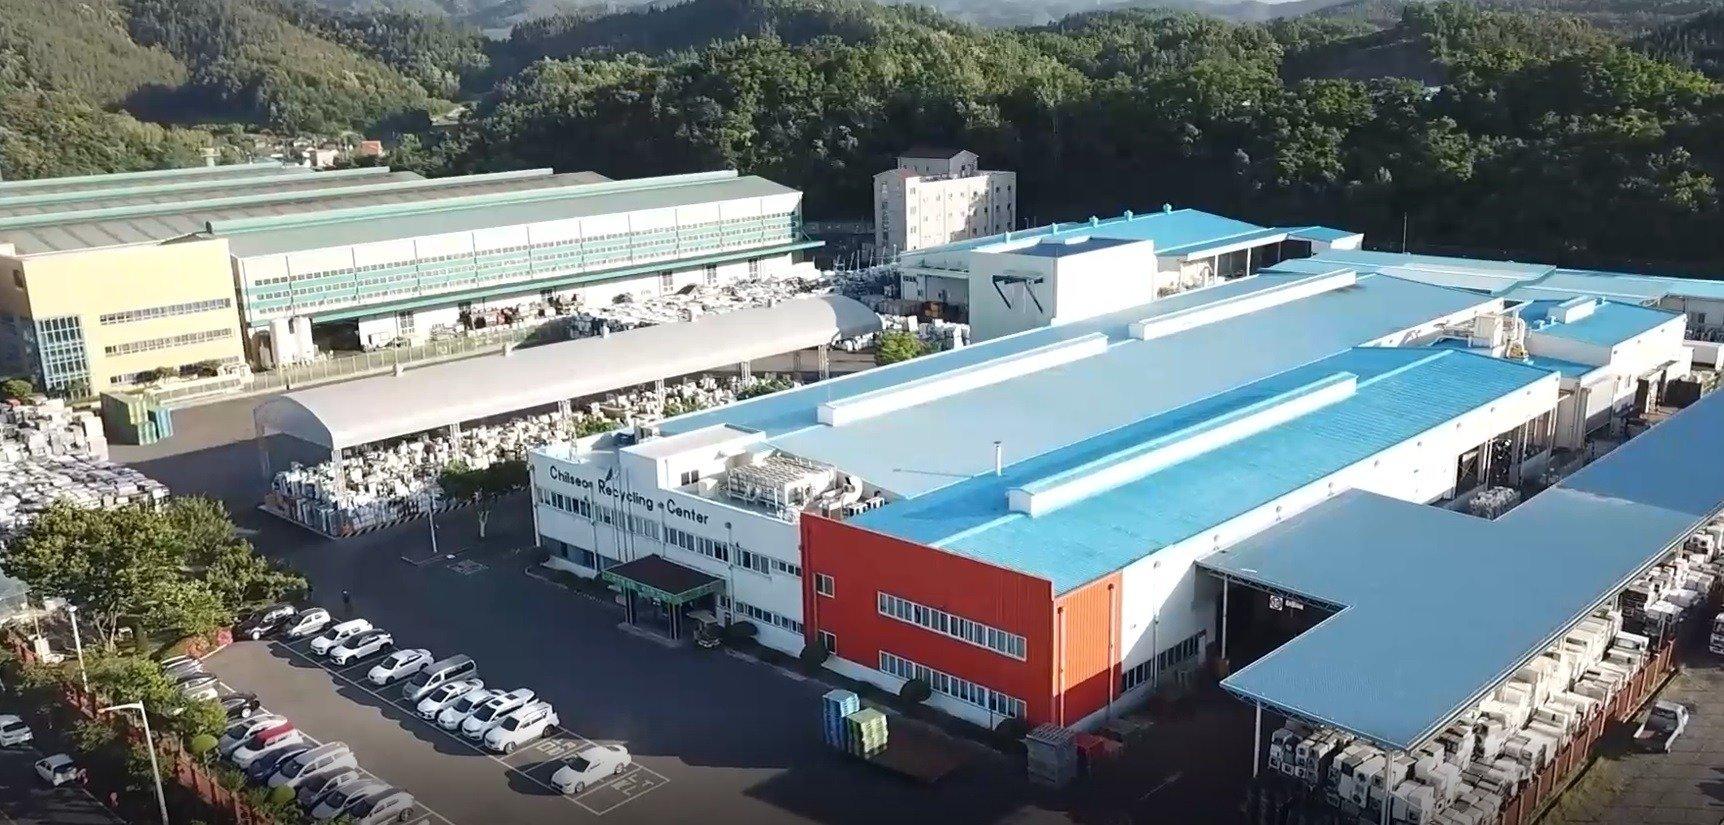 LG stawia sobie za cel wykorzystanie ponad pół miliona ton tworzyw sztucznych z recyklingu